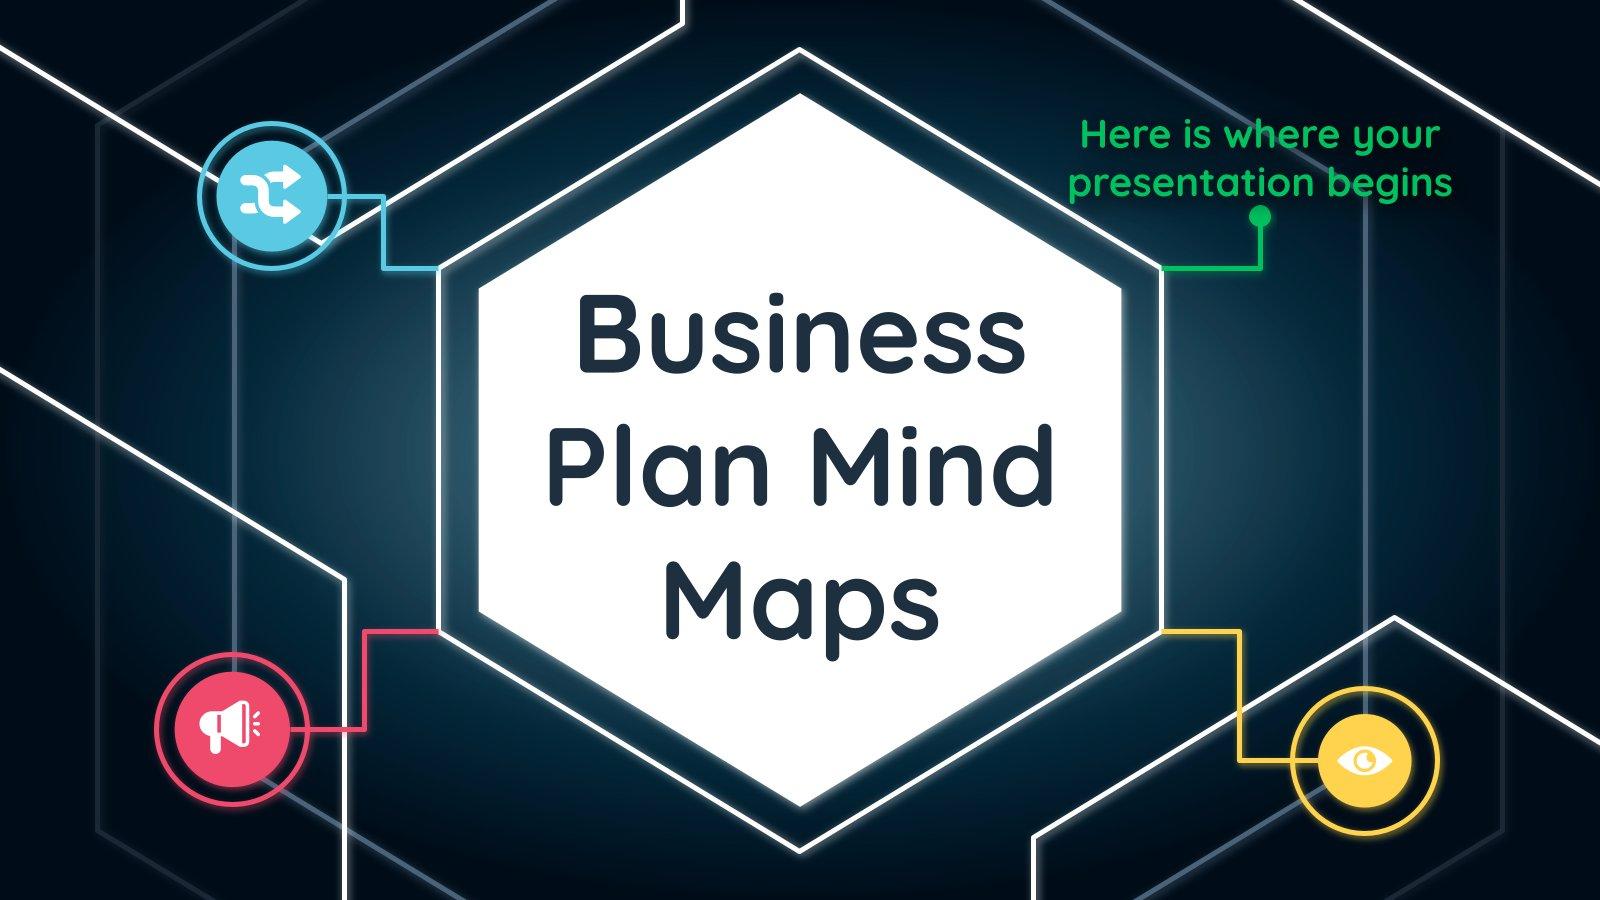 Plan d'affaires et cartes heuristiques : Modèles de présentation